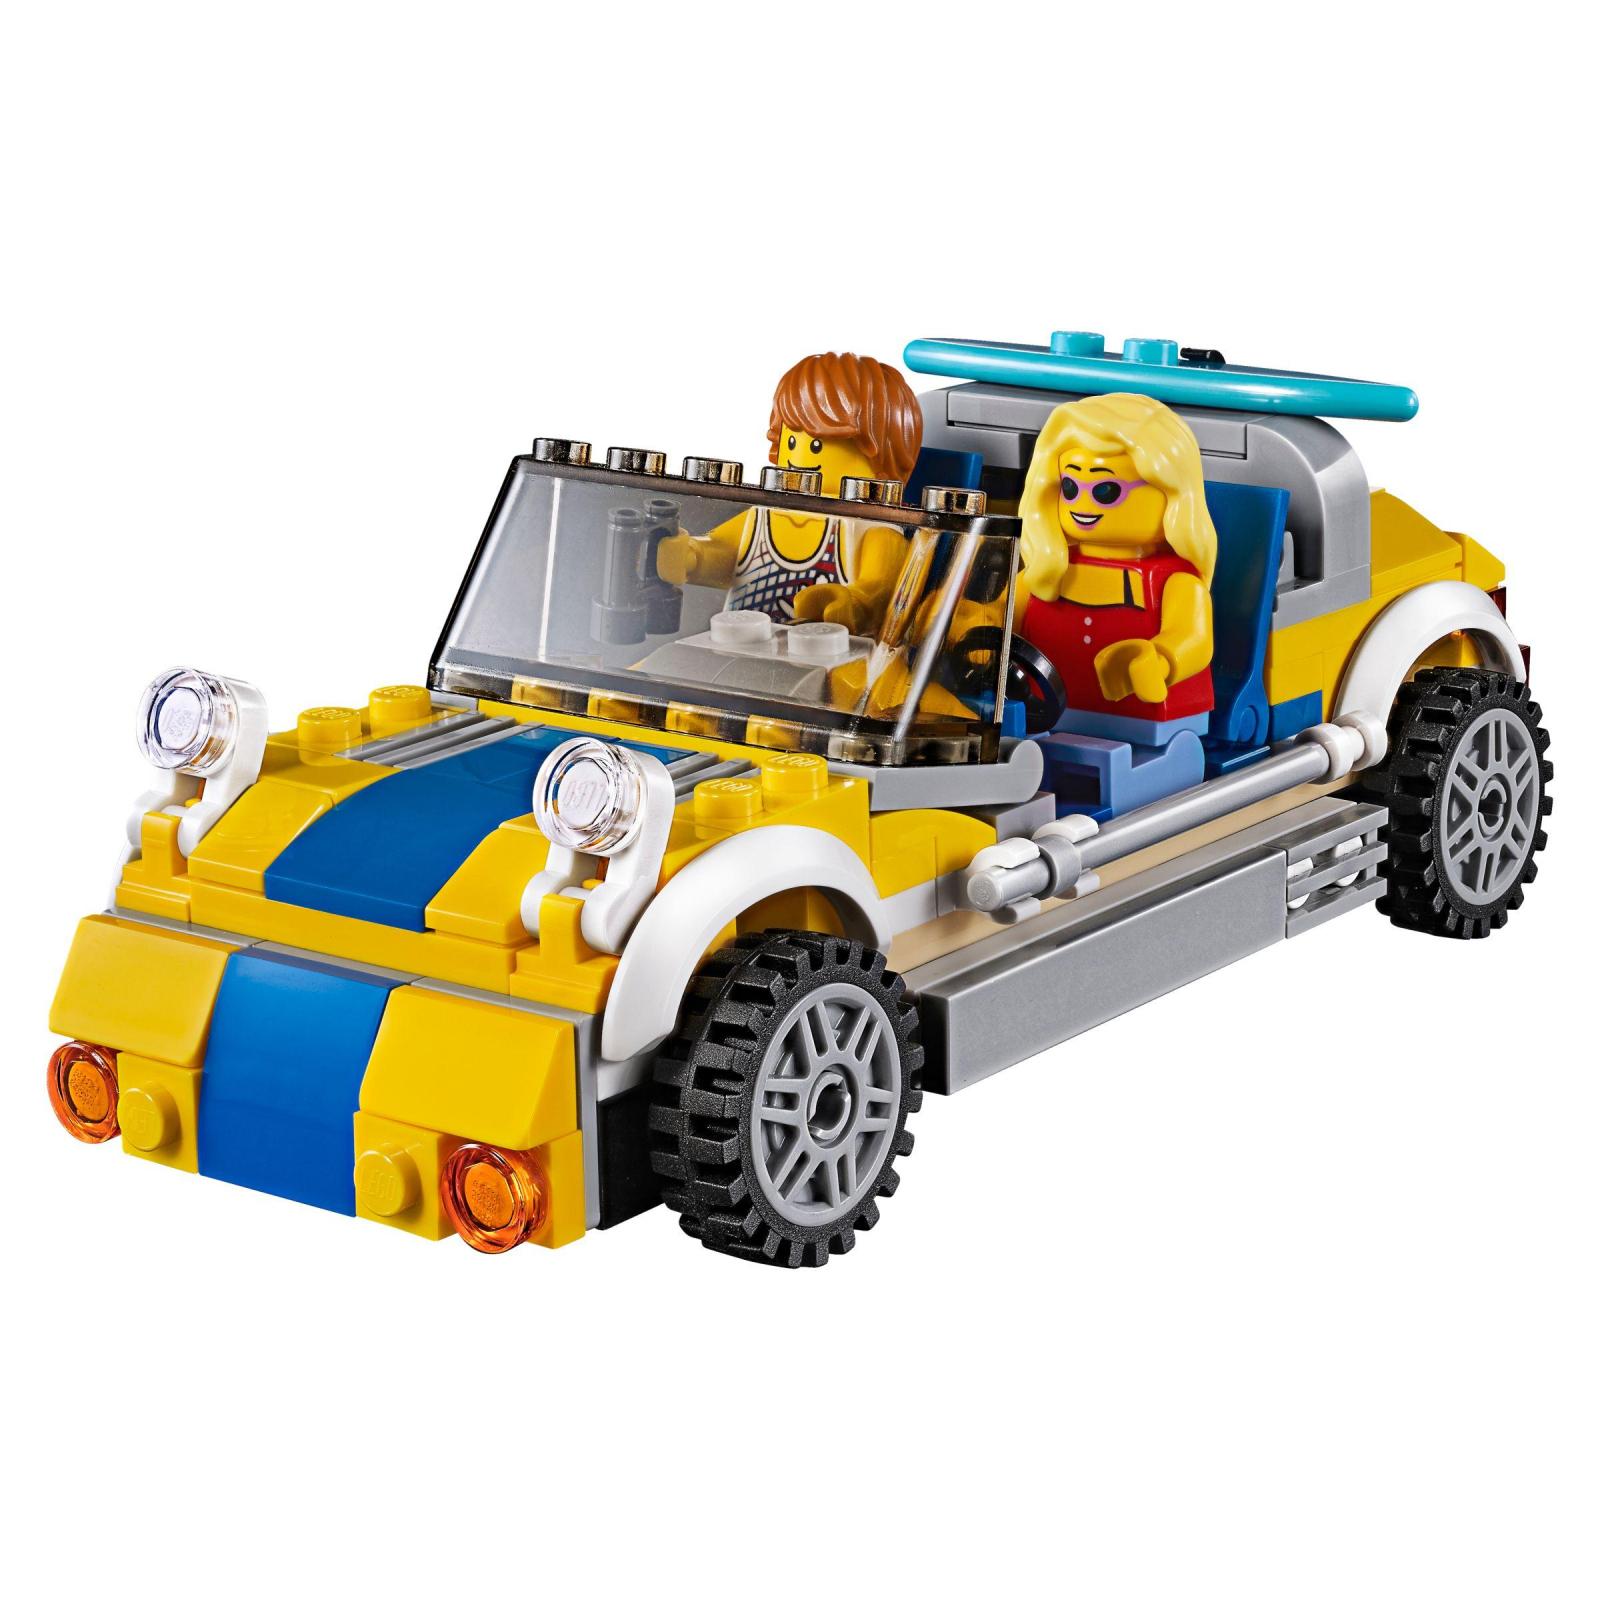 Конструктор LEGO Creator Солнечный фургон серфингиста (31079) изображение 5